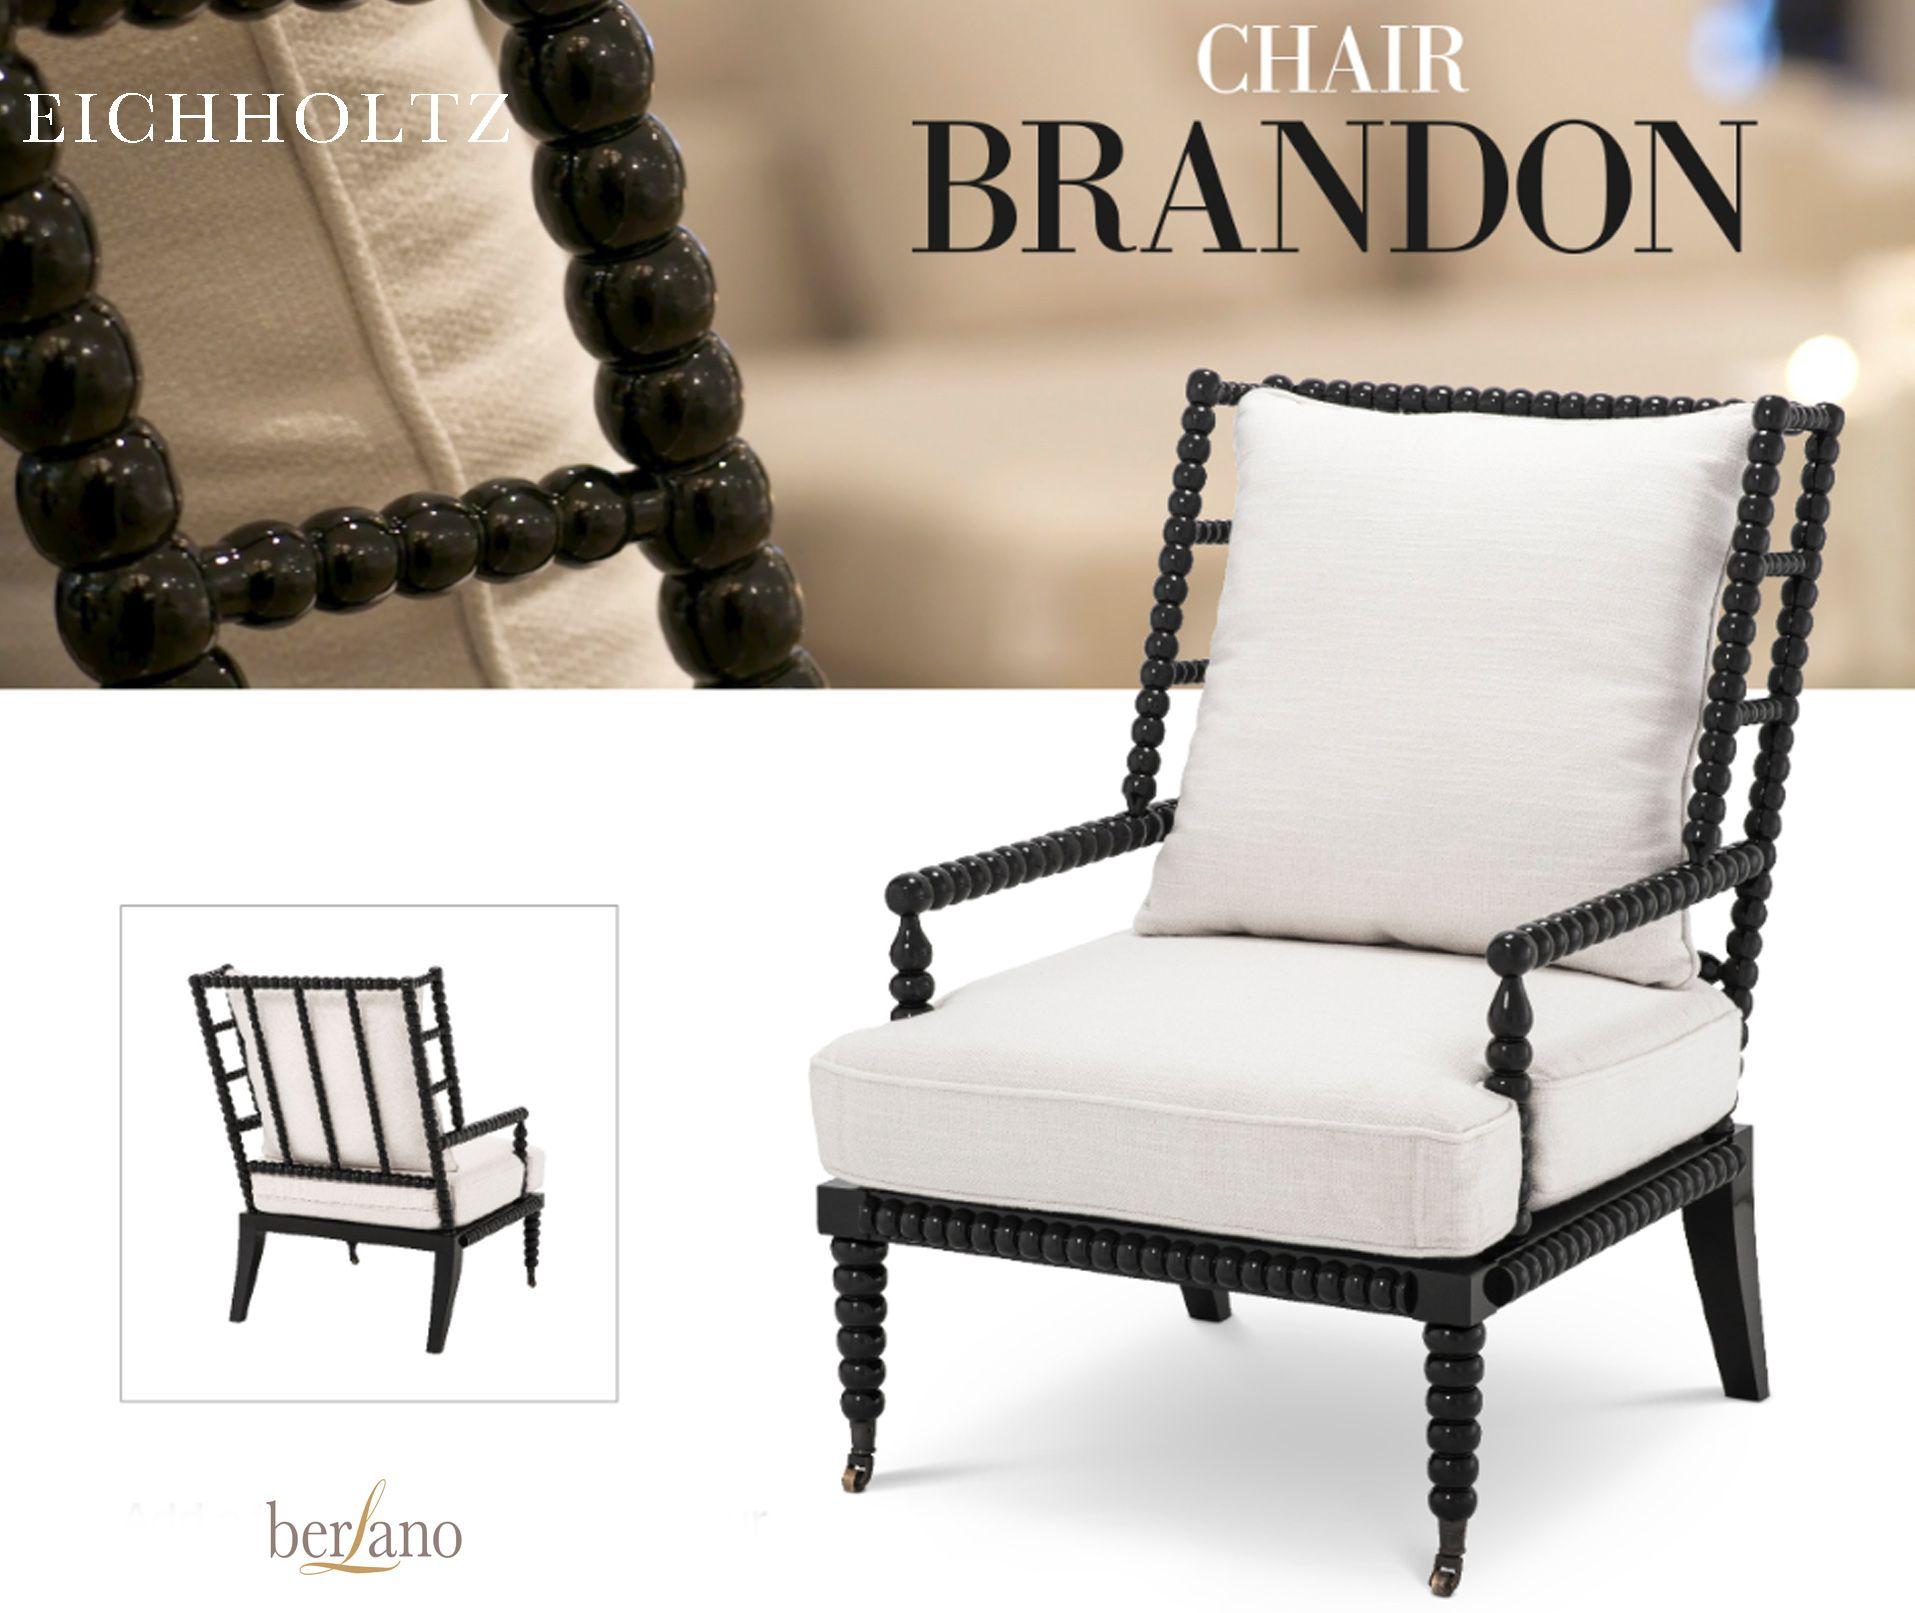 Pleasant Eichholtz Chair Brandon Fauteuil Zwart Gebroken Wit Ibusinesslaw Wood Chair Design Ideas Ibusinesslaworg